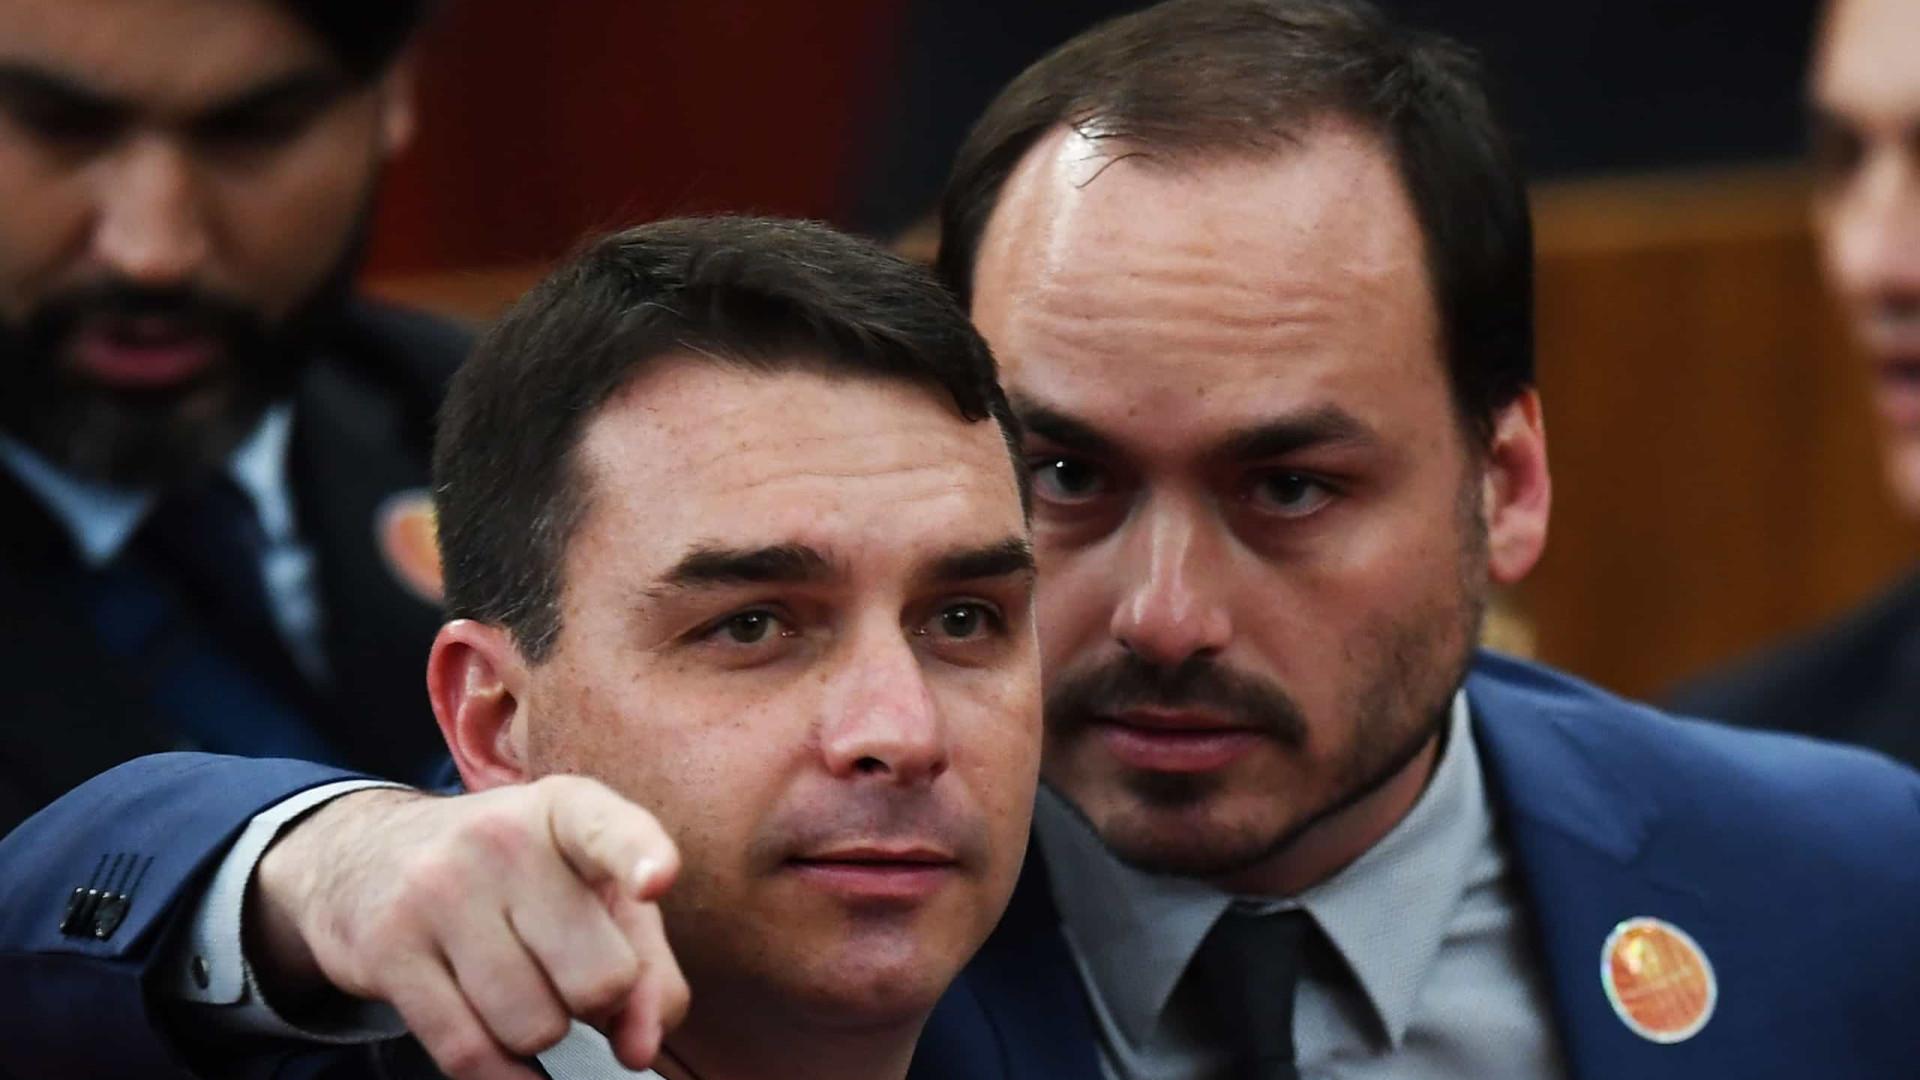 Quebra de sigilo em caso Carlos é mais restrita do que em apuração sobre Flávio Bolsonaro